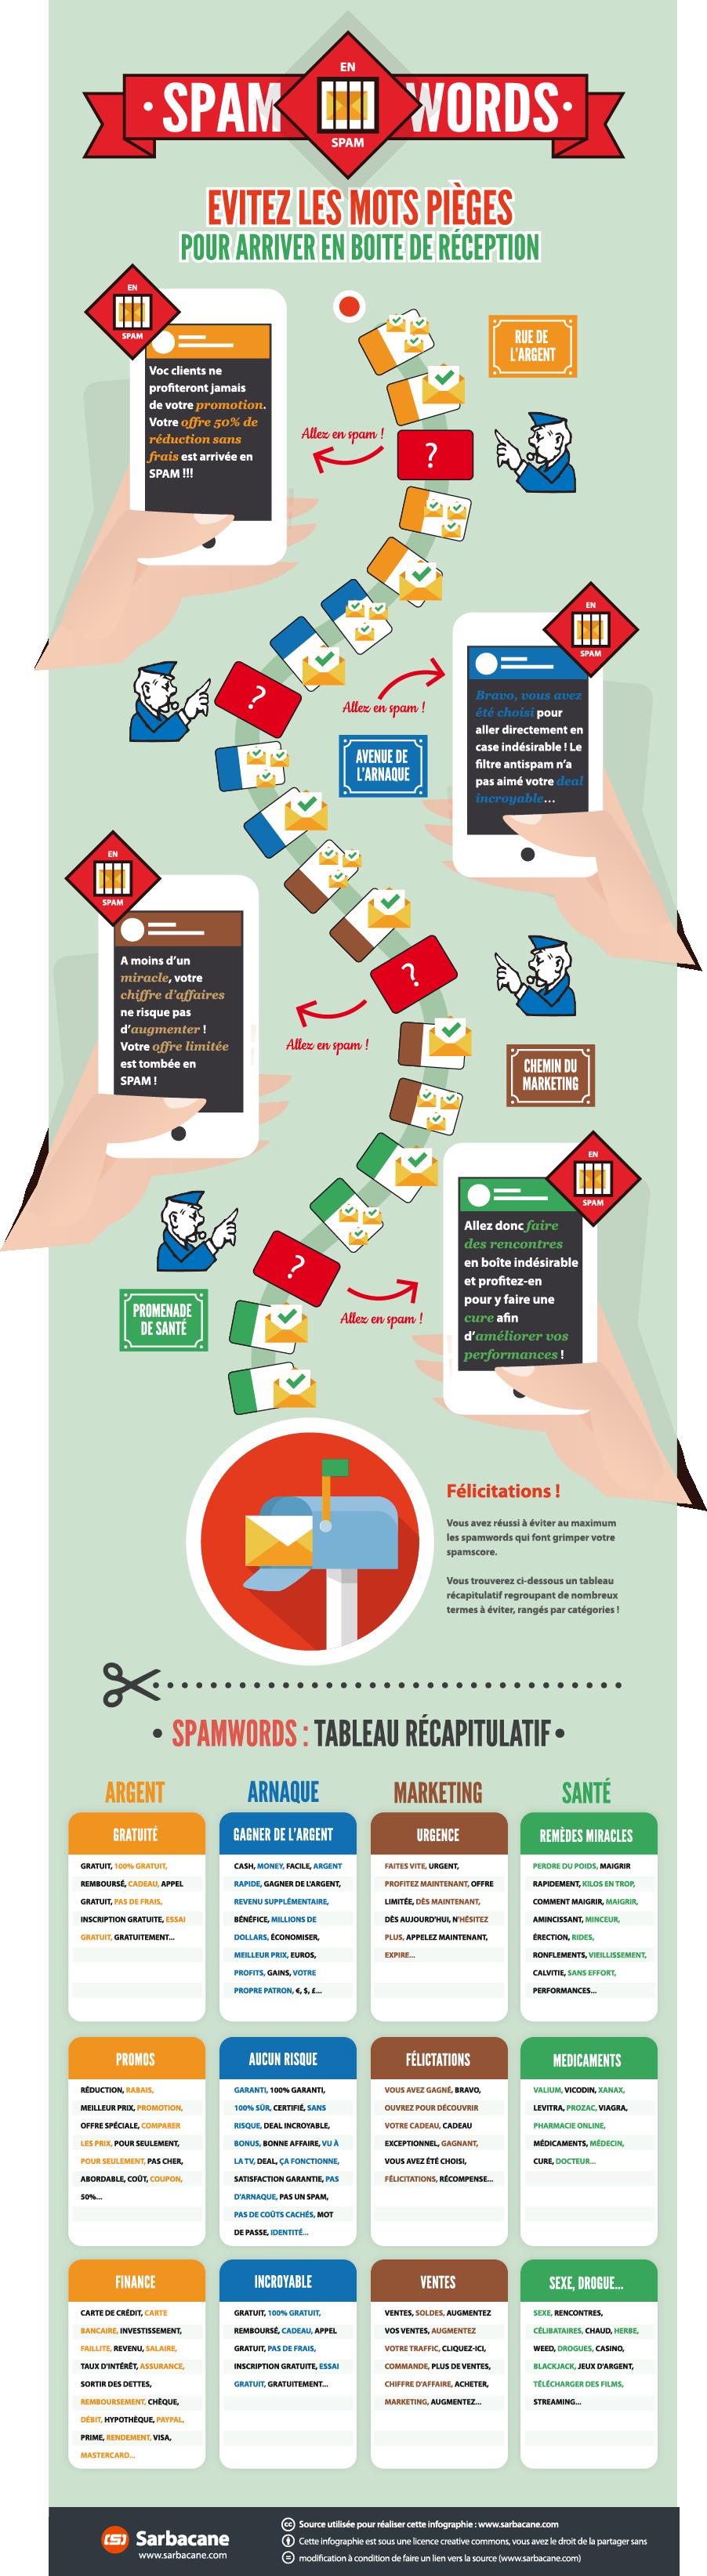 Comment améliorer la délivrabilité des emails envoyés par LearnyBox ?